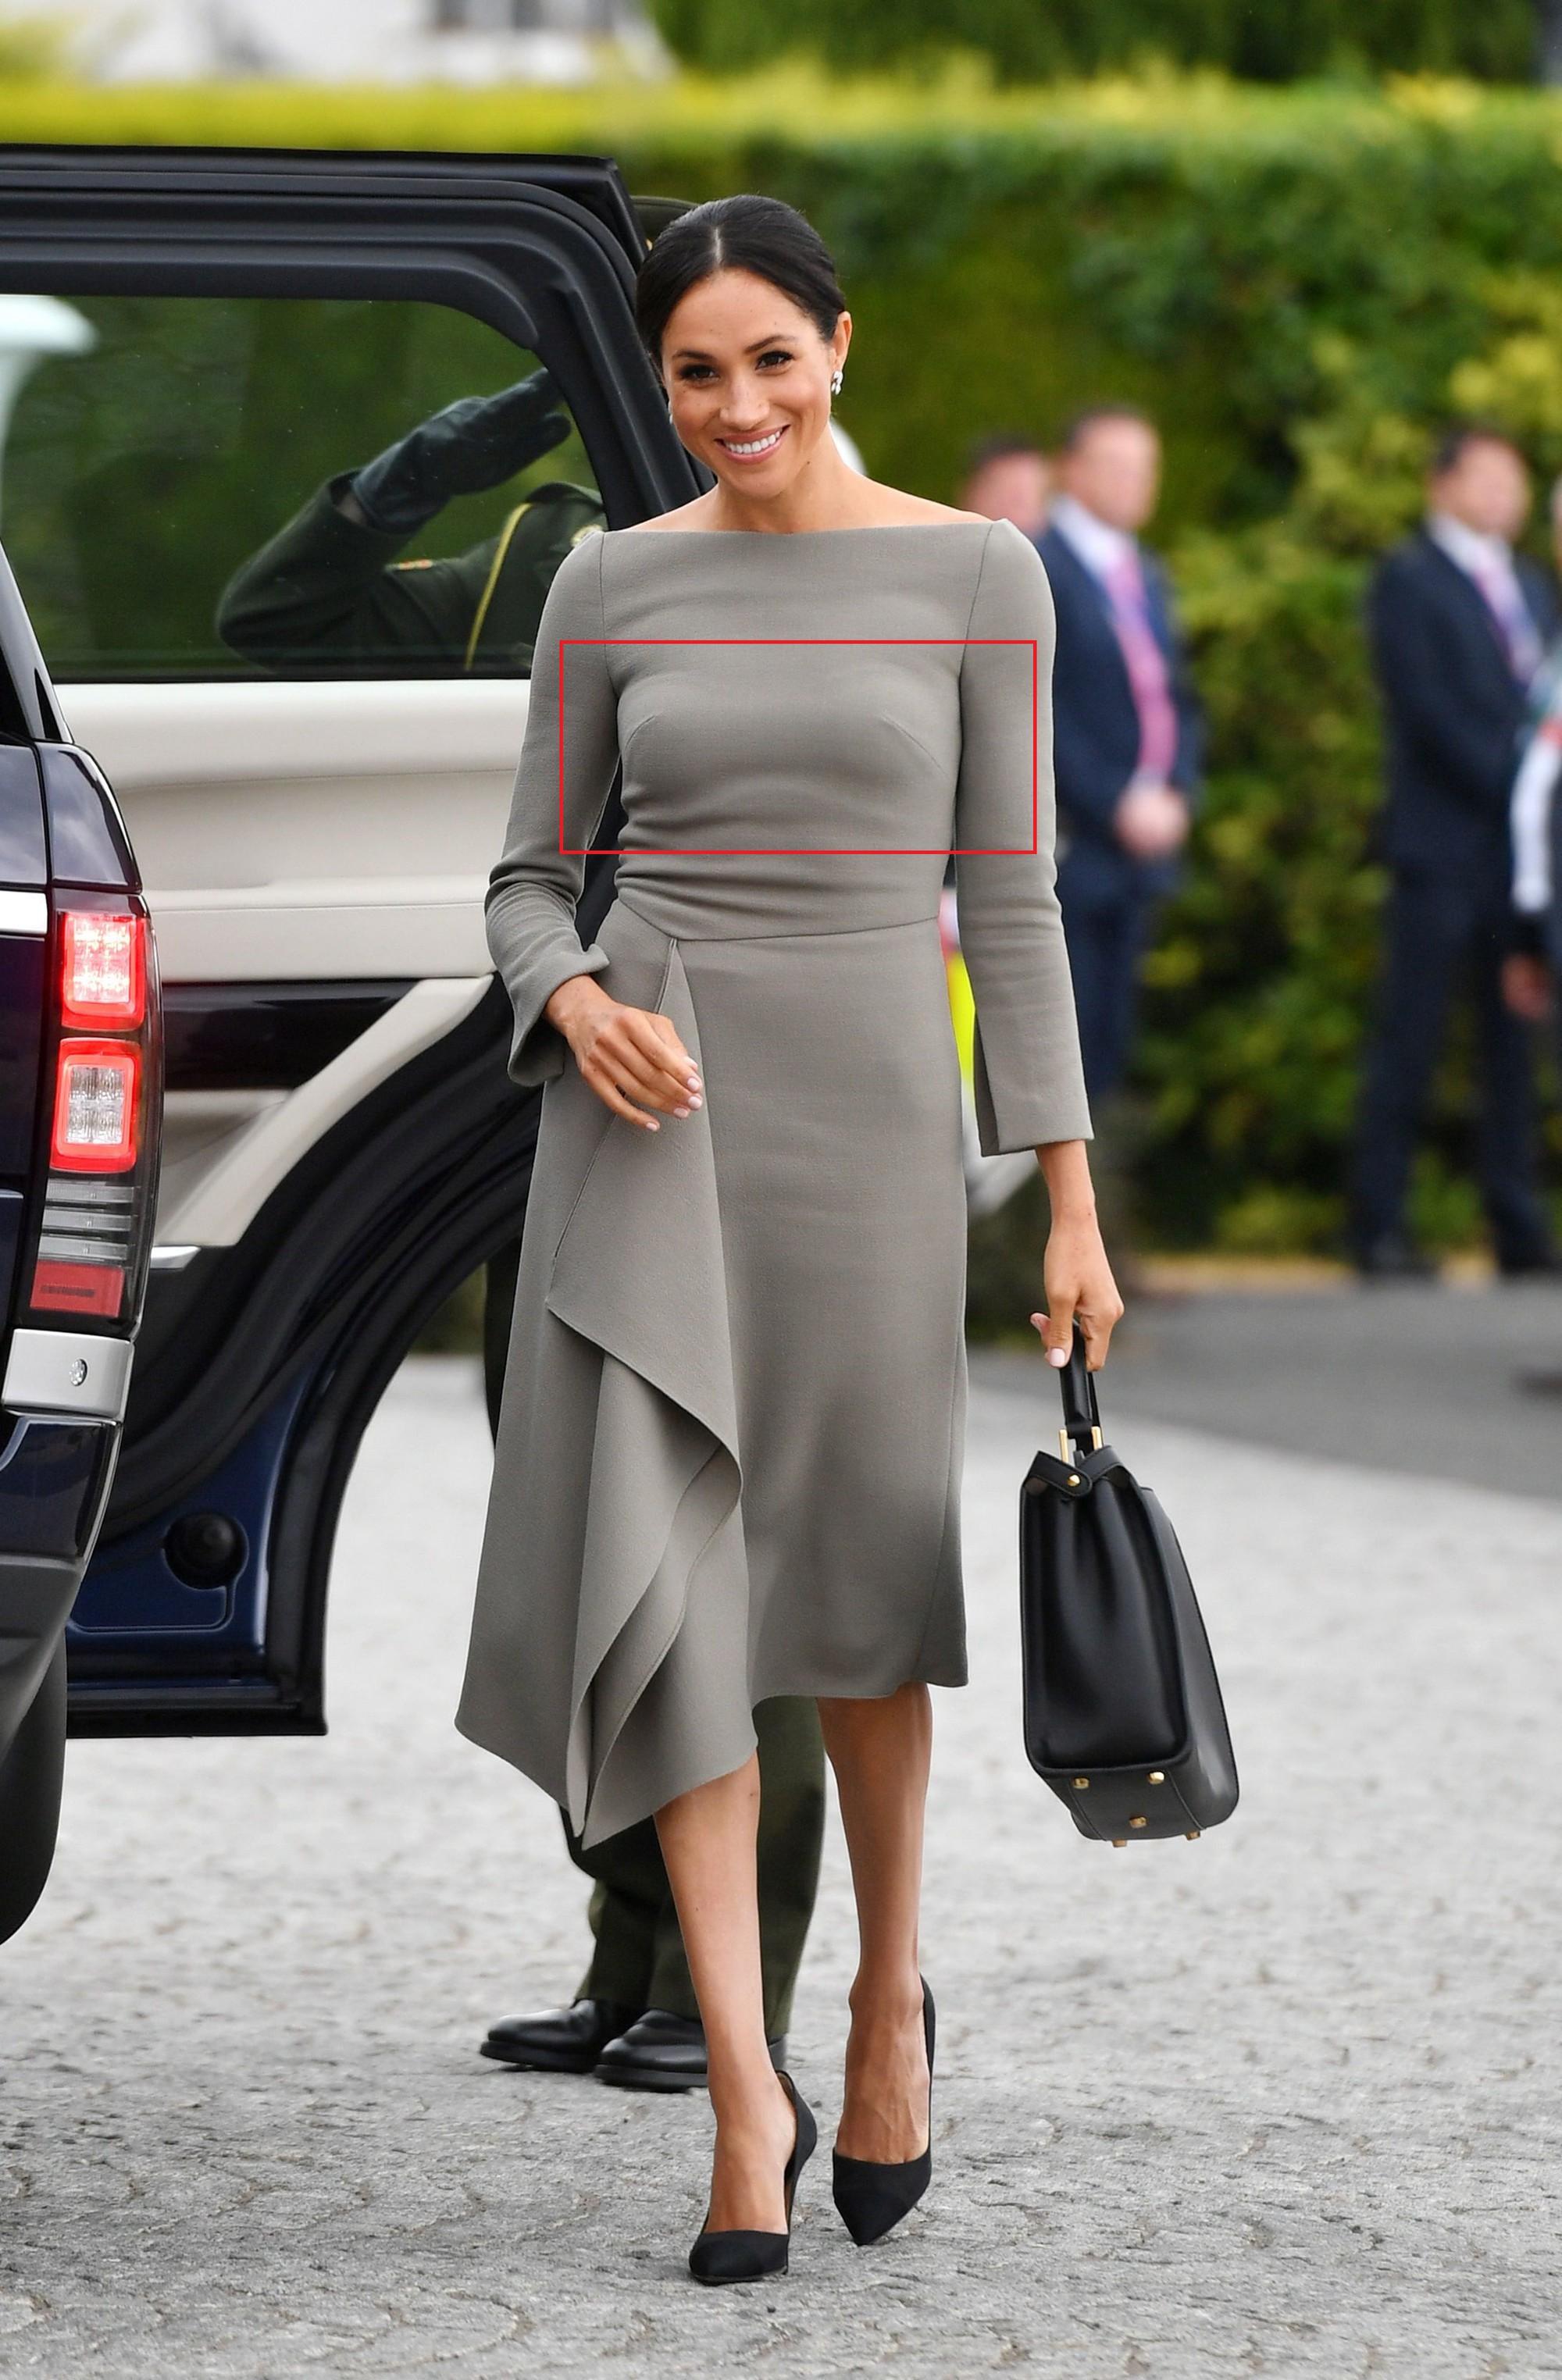 Chỉ mới 3 tháng làm dâu Hoàng gia nhưng Công nương Meghan Markle đã vướng không dưới 5 tranh cãi về trang phục - Ảnh 6.